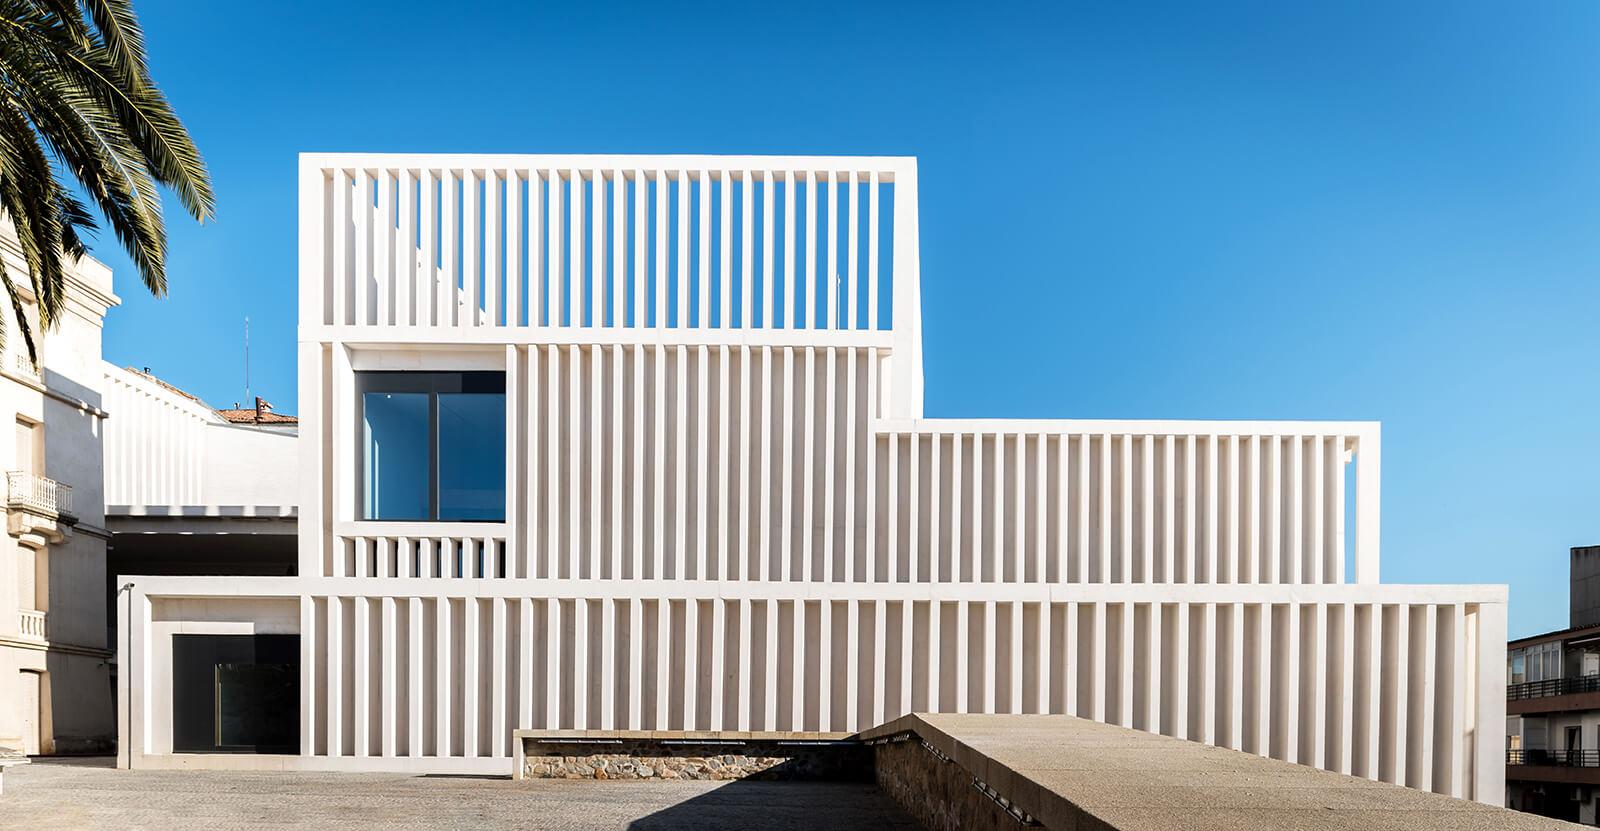 Museo de Arte Contemporáneo Helga de Alvear  - 00 31